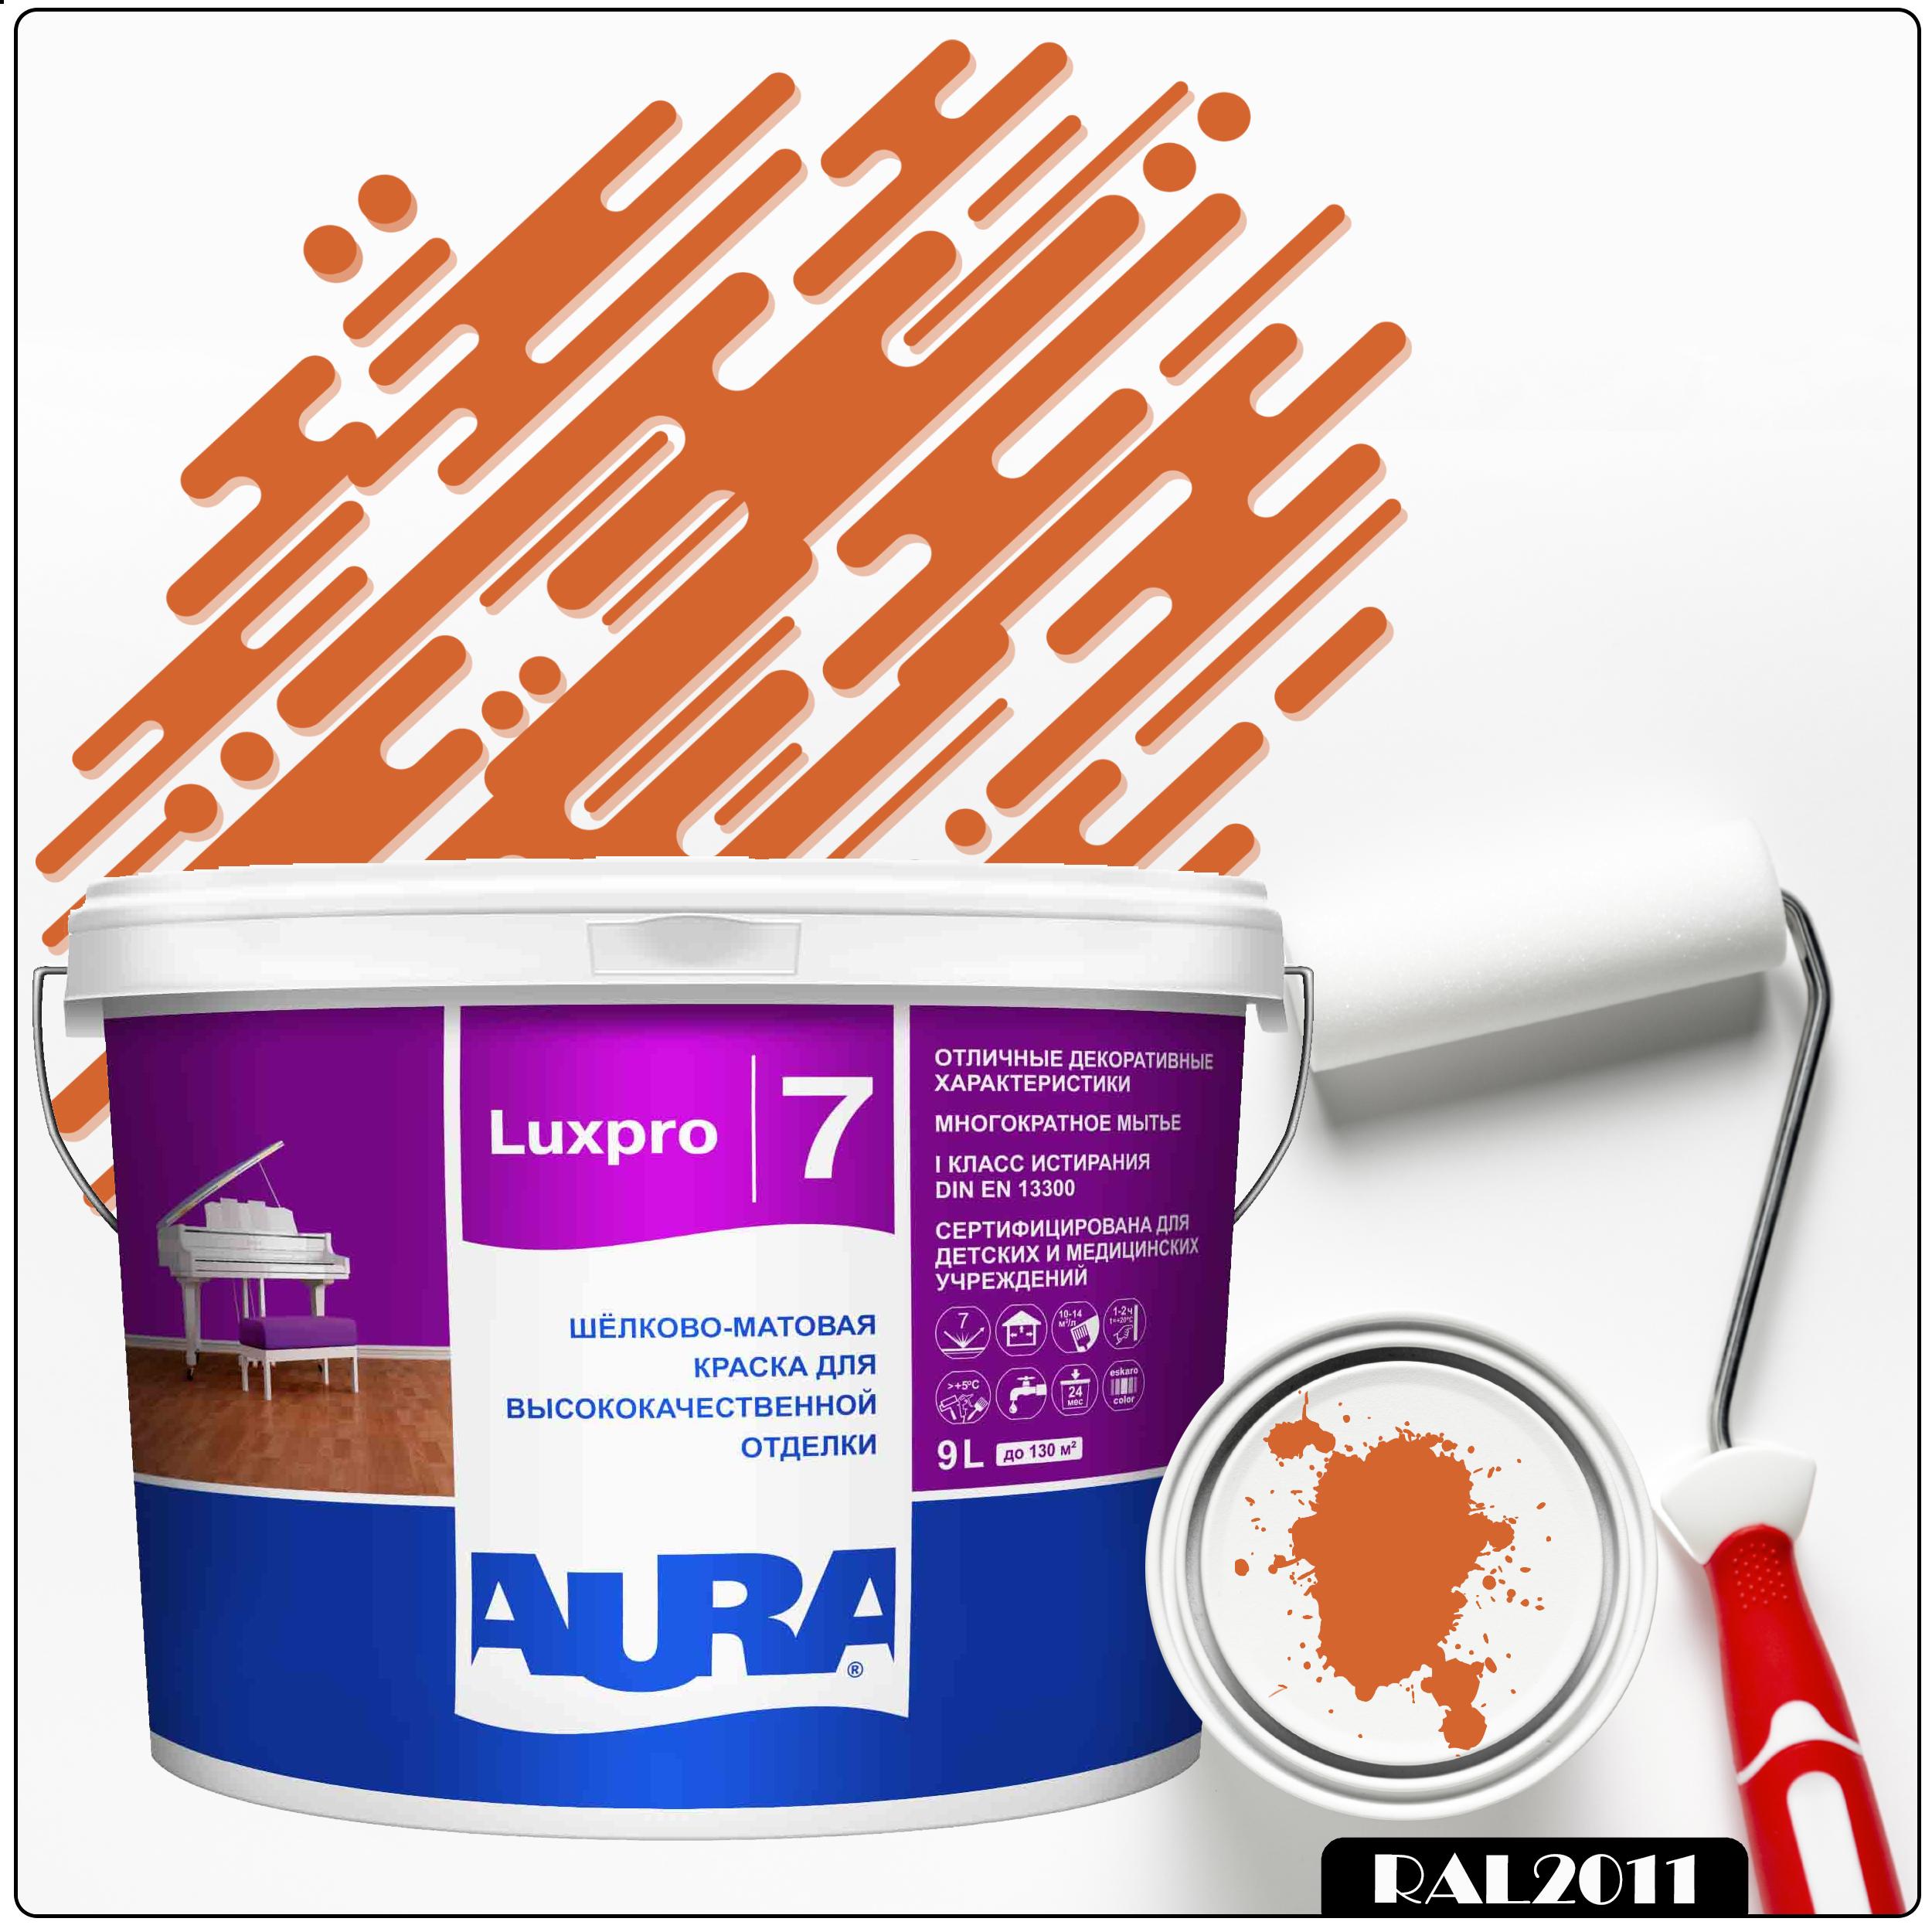 Фото 9 - Краска Aura LuxPRO 7, RAL 2011 Насыщенный-оранжевый, латексная, шелково-матовая, интерьерная, 9л, Аура.